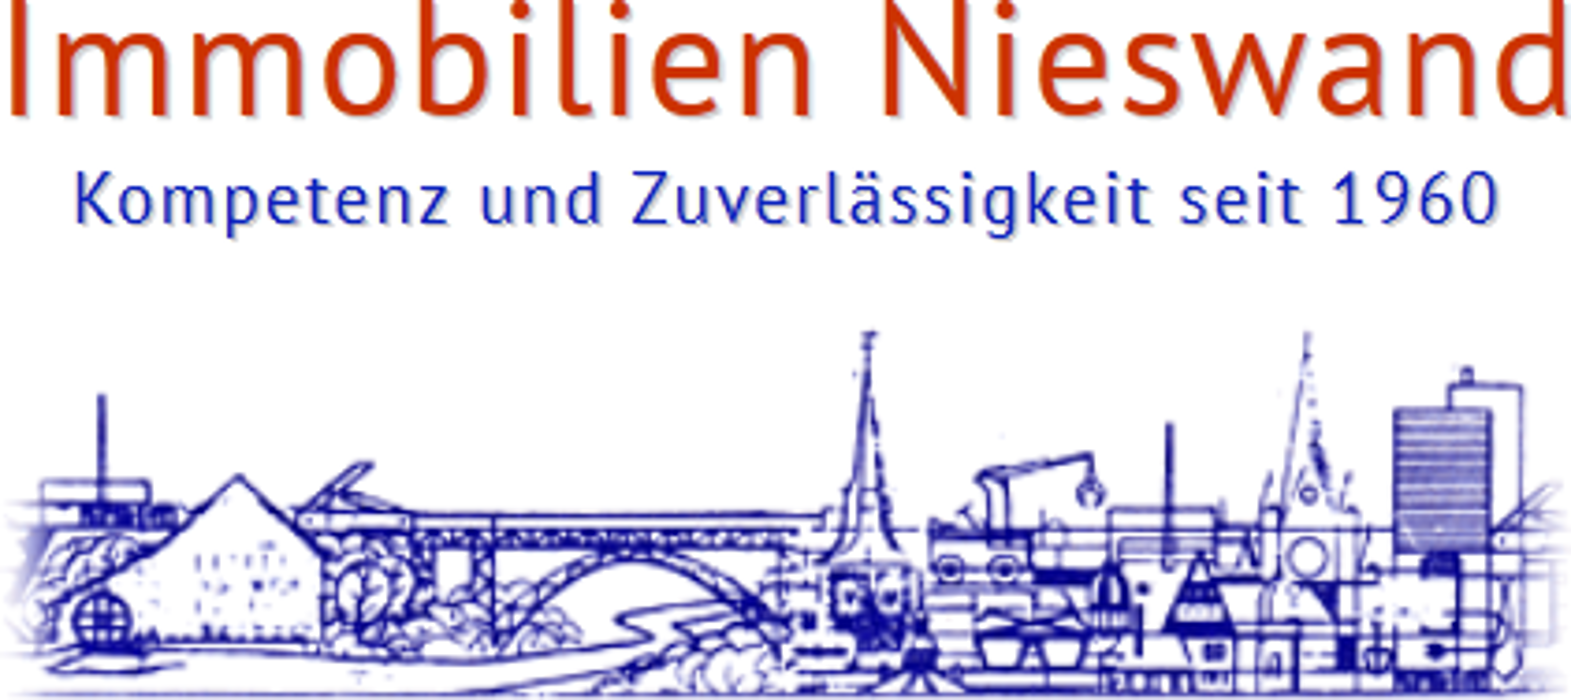 Bild zu Immobilien Nieswand in Solingen